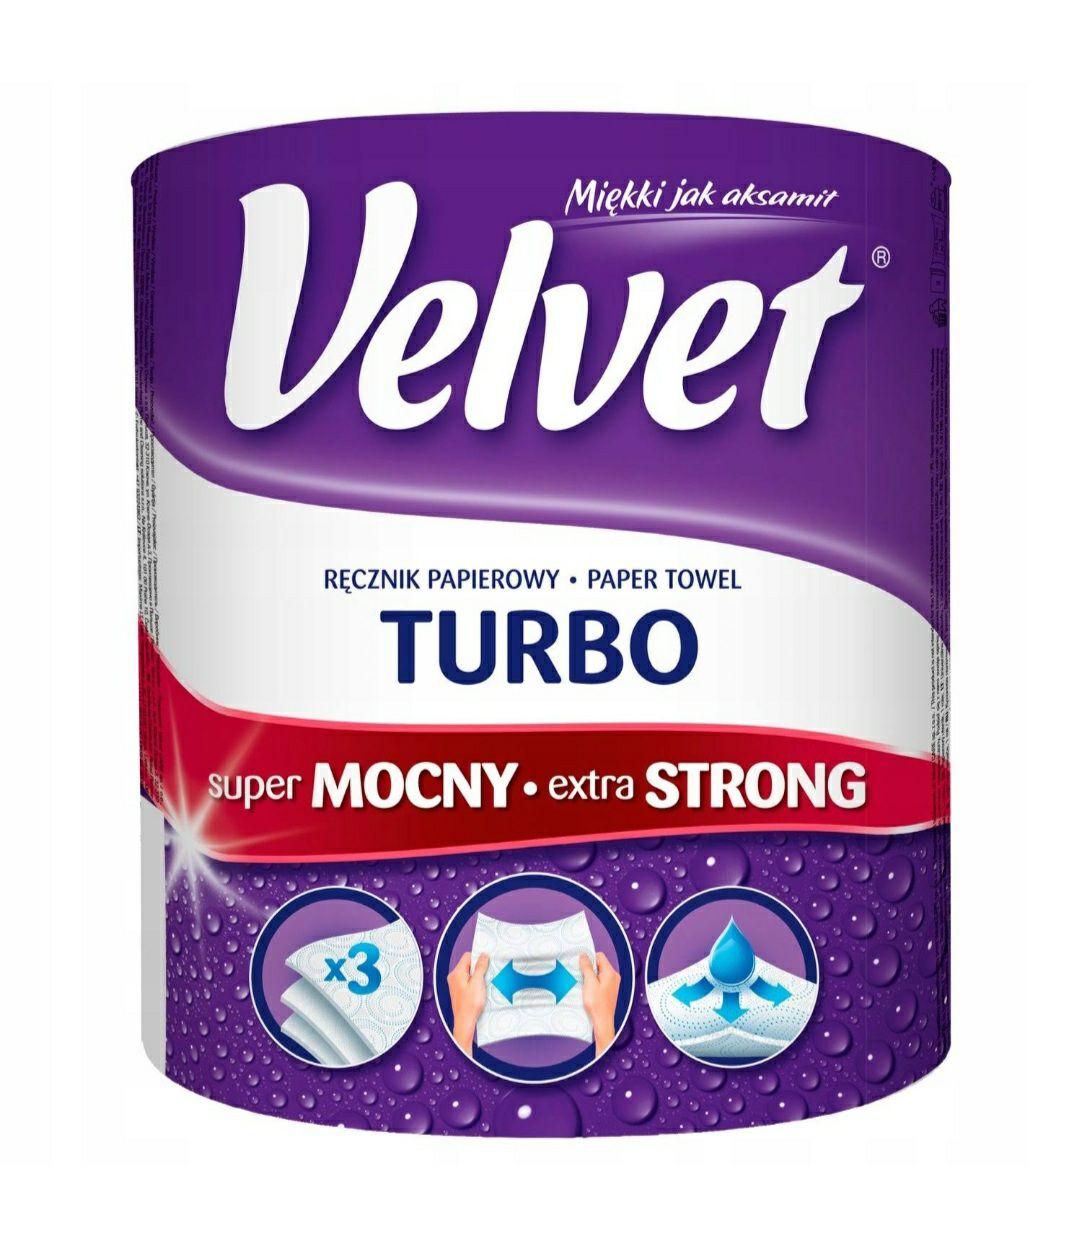 Ręcznik Velvet Turbo w Biedronce za 9.49 zł